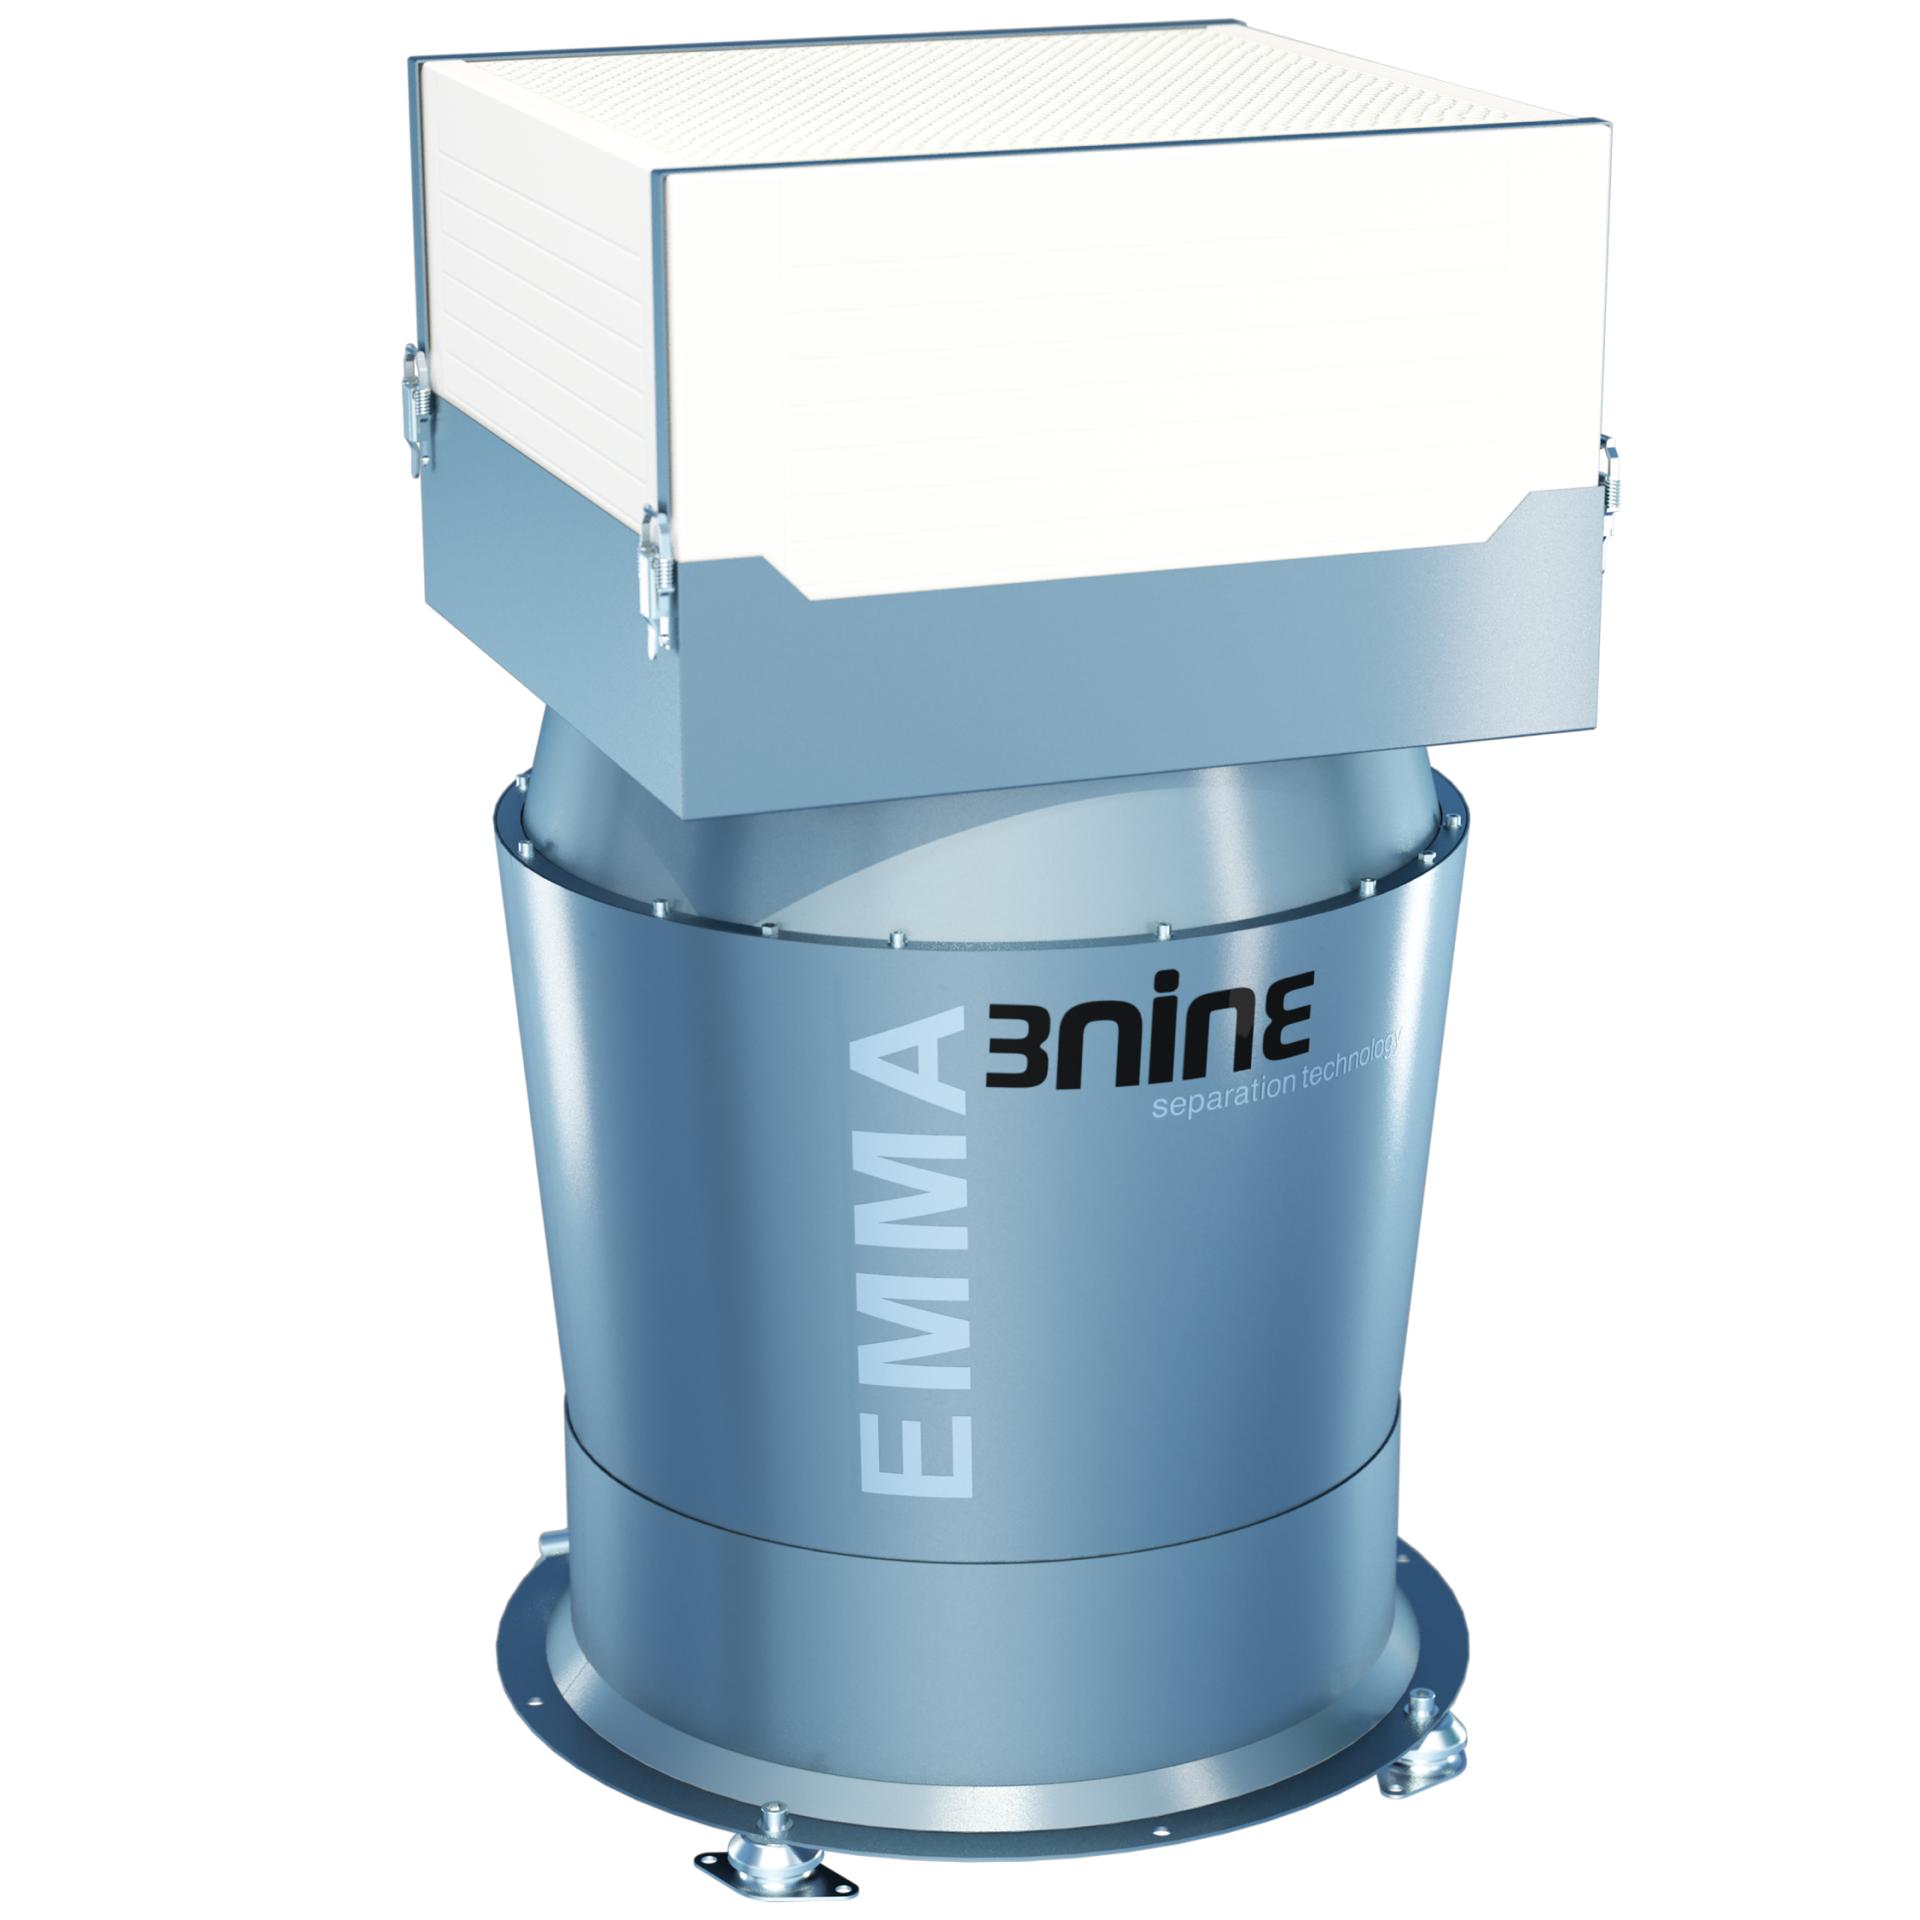 Emma-pisaraerotin on 3ninen BLUE LINE -sarjan suurin laite. Se on suunniteltu erityisesti sovelluksille, joissa suuri ilmavirtaus on keskeisen tärkeää, kuten erittäin suuret kammiot tai avoimet työstökoneet